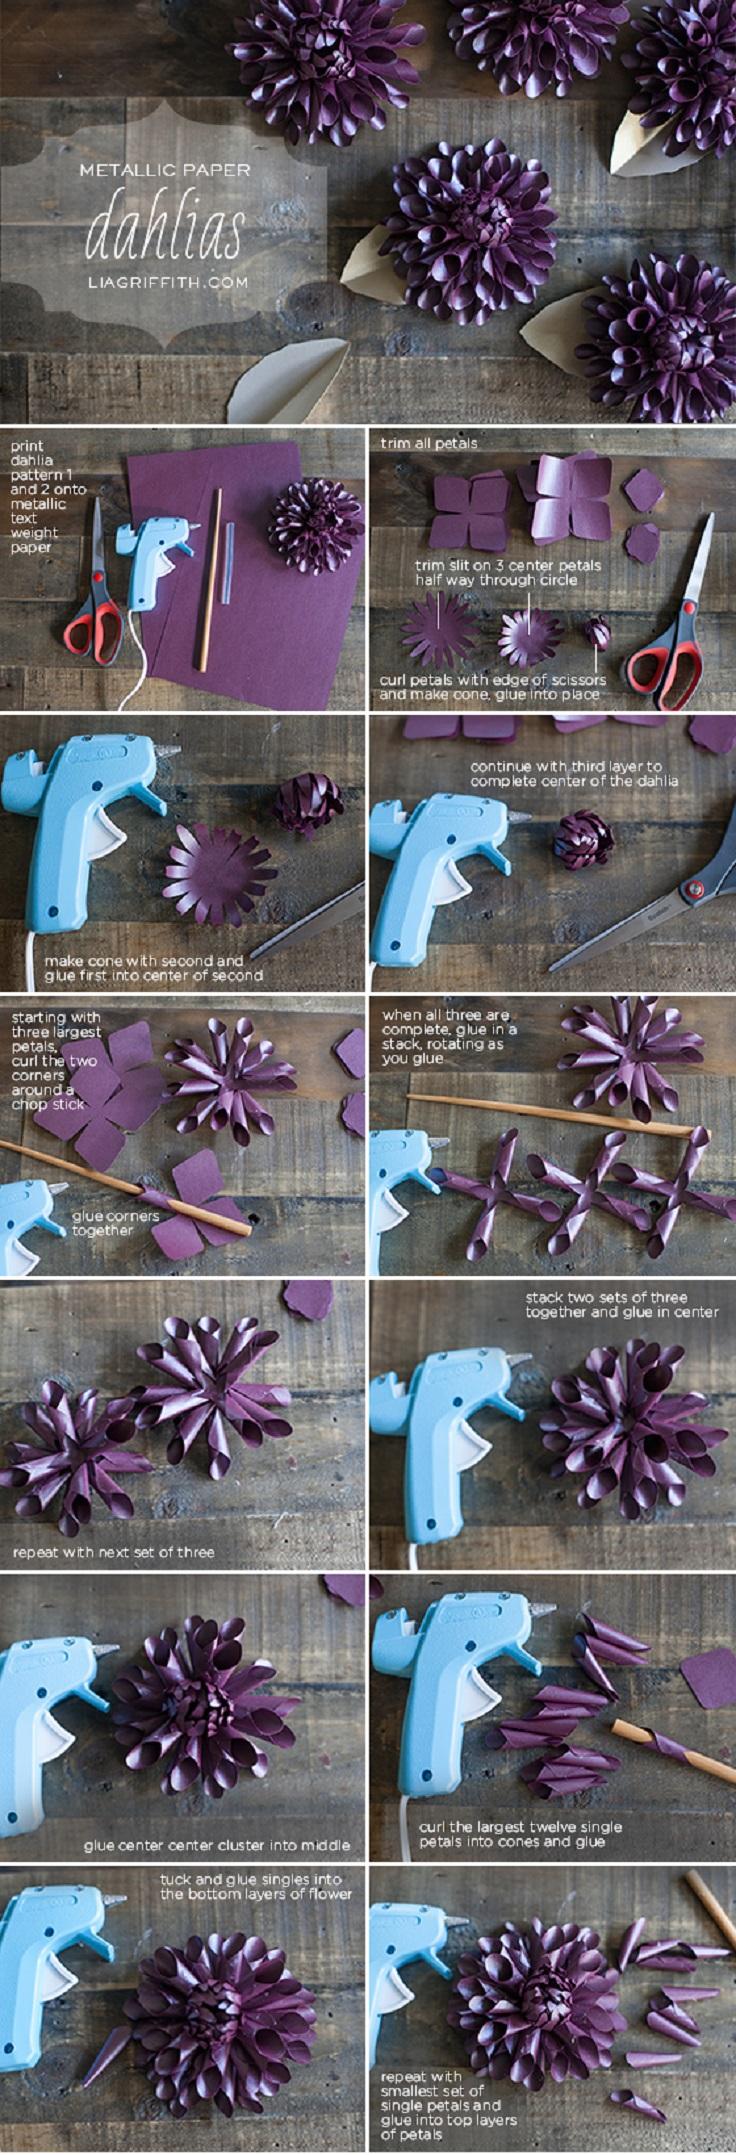 Plum-Paper-Dahlia-with-an-Irregular-Petal-Pattern